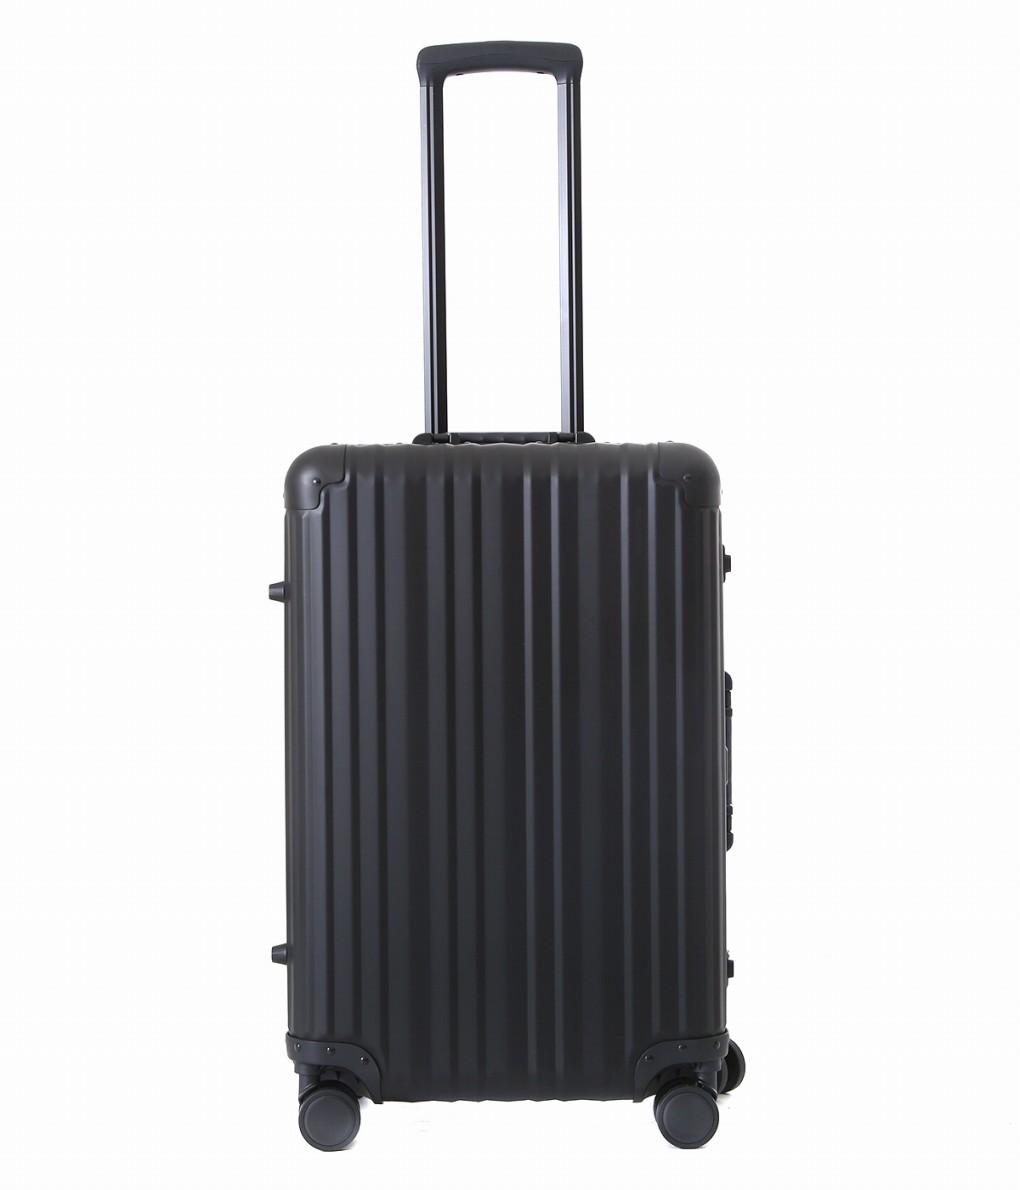 RICARDO / リカルド : Aileron 24-inch Spinner Suitcase : エルロン 24インチ スピナー スーツケース ハードケース トラベルケース トラベルバッグ キャリーバッグ メンズ : 18982021548 【MUS】